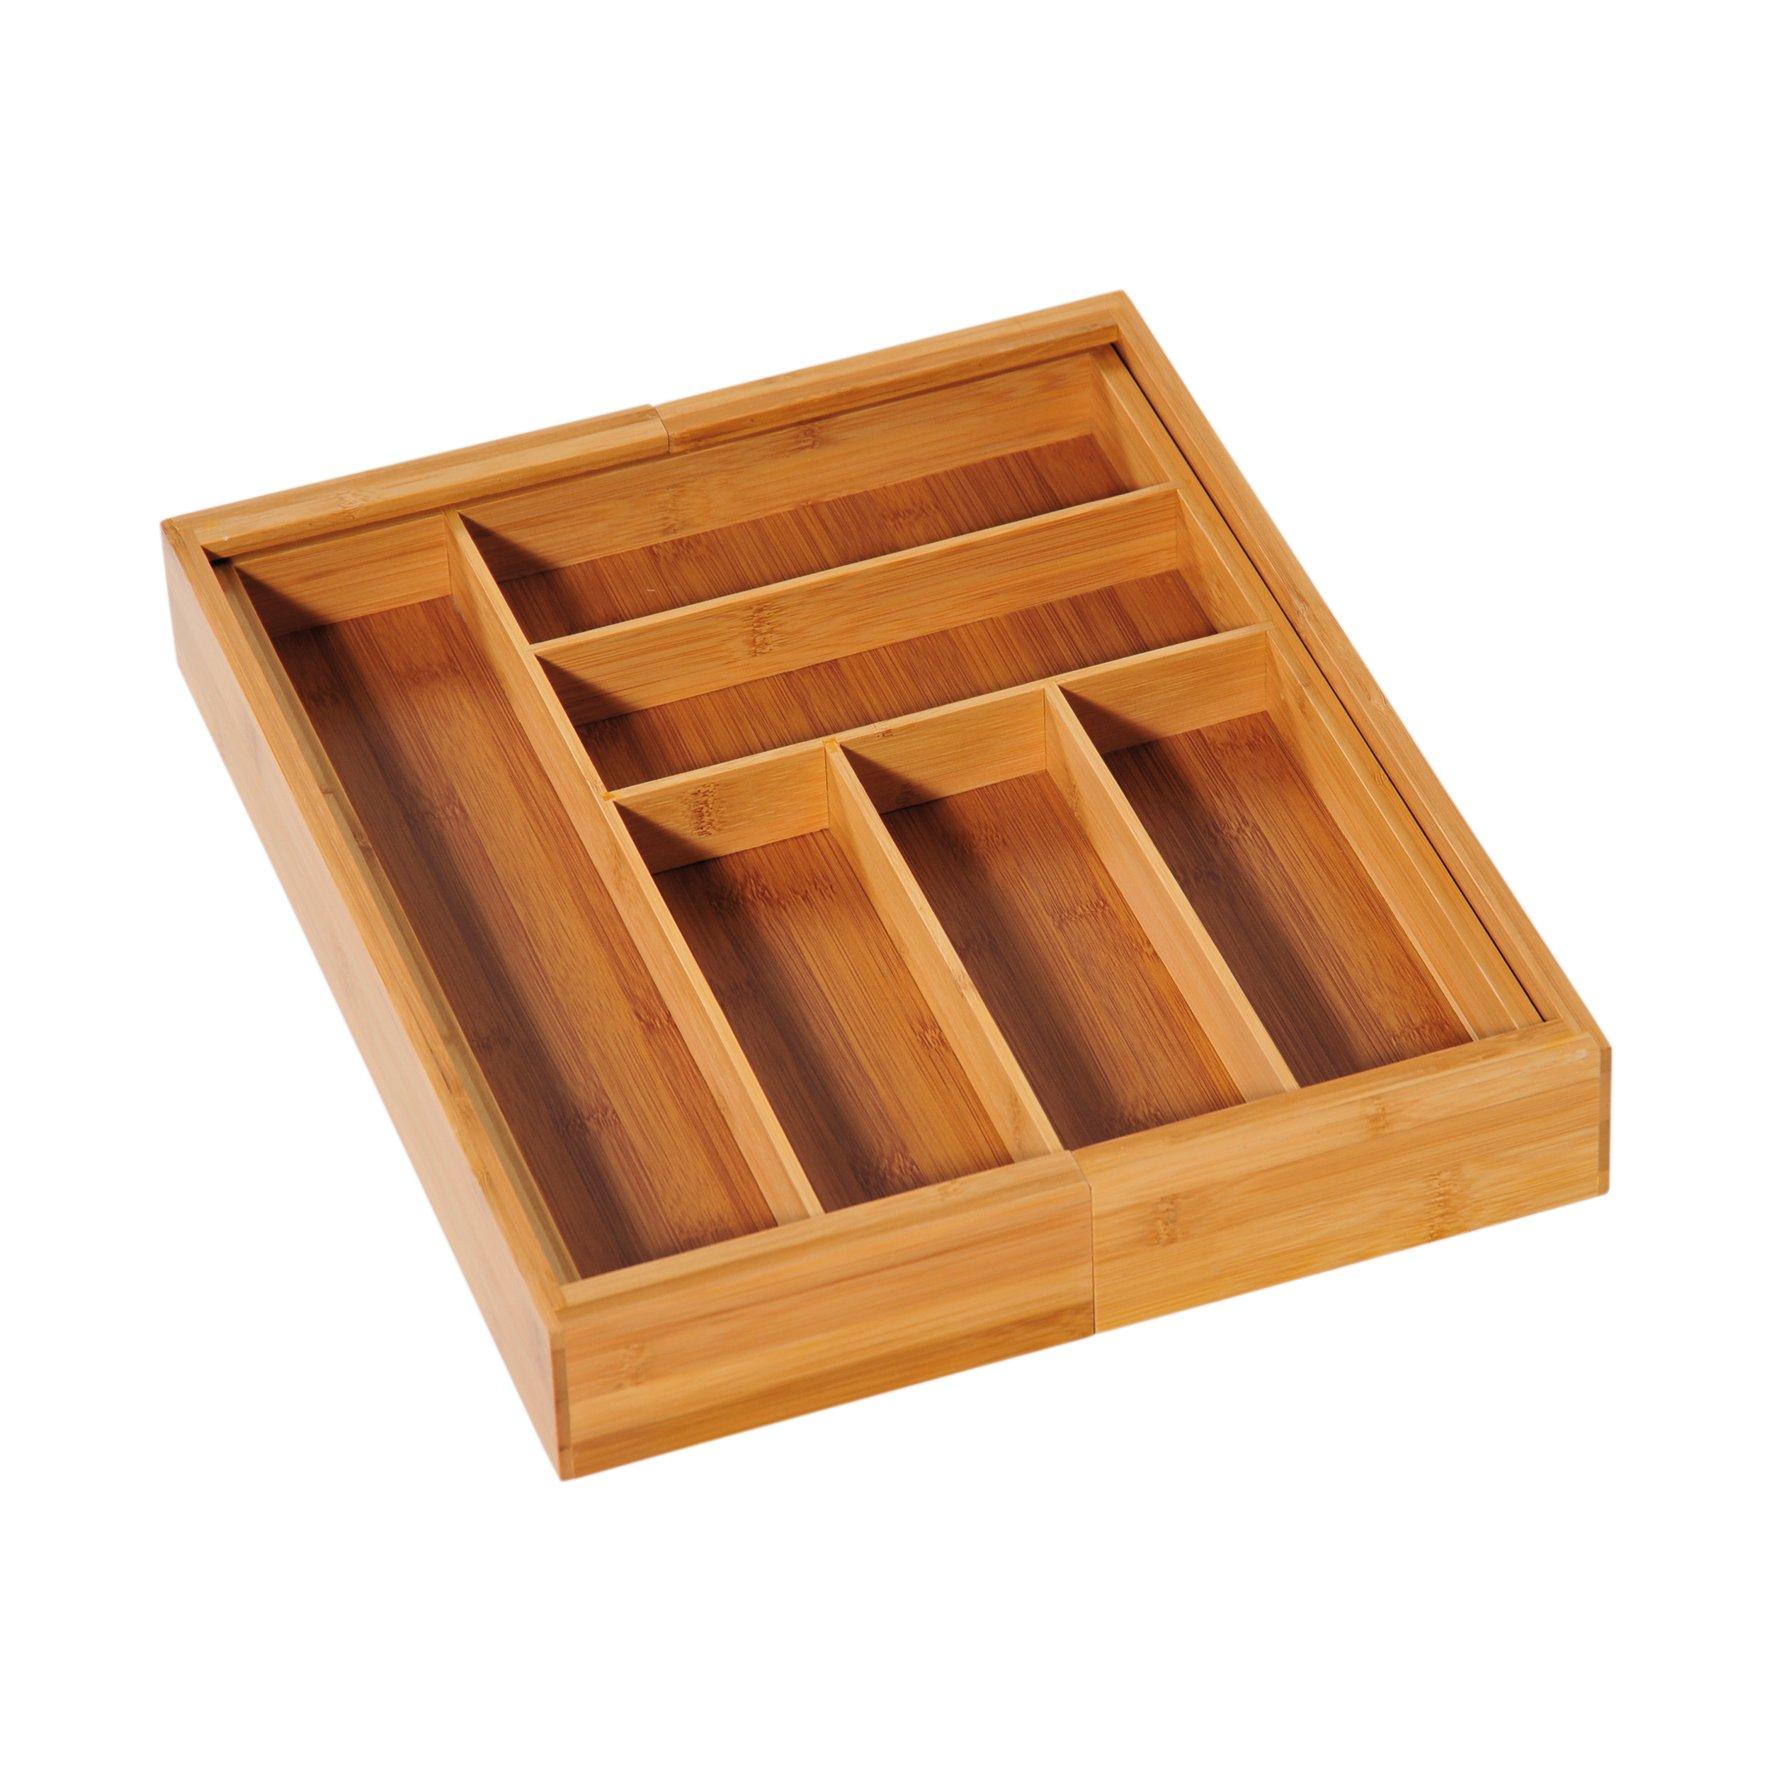 Kesper Bamboo Cutlery Basket by Kesper (Image #1)